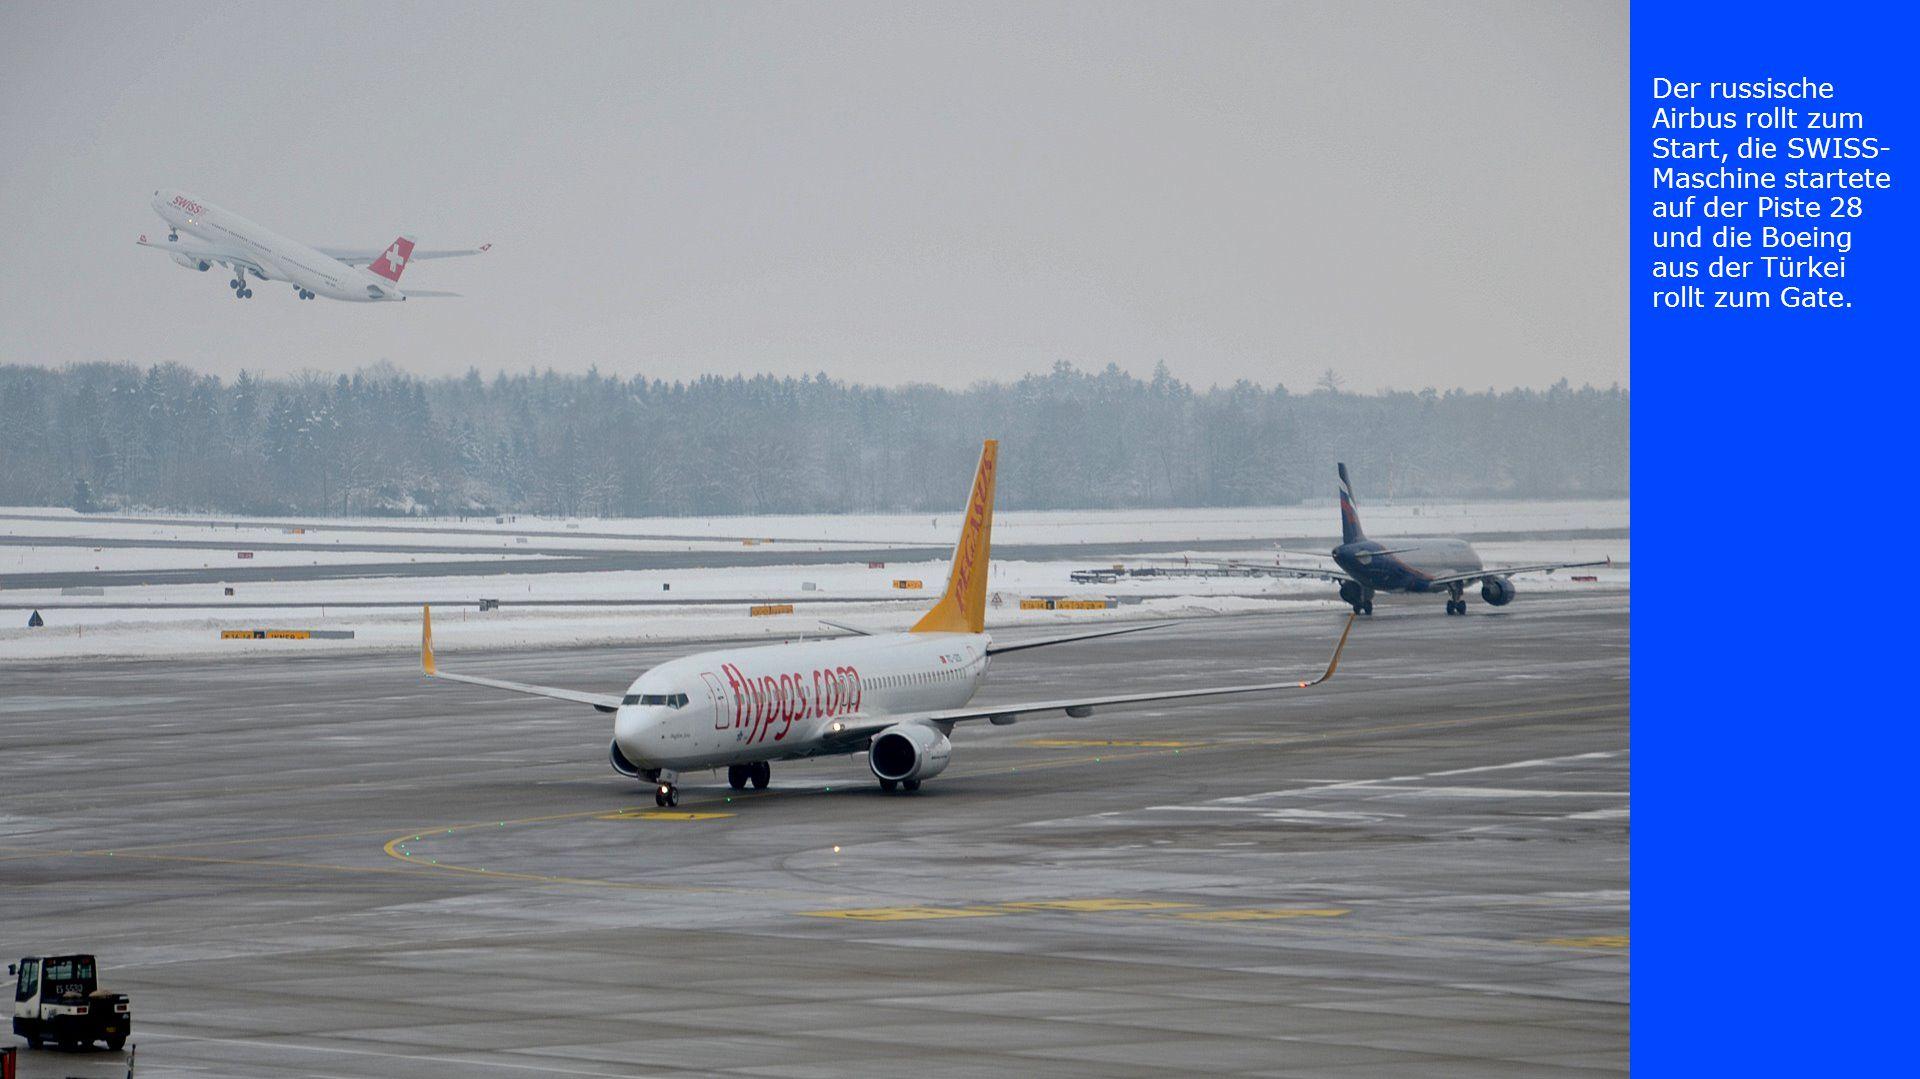 Der russische Airbus rollt zum Start, die SWISS-Maschine startete auf der Piste 28 und die Boeing aus der Türkei rollt zum Gate.